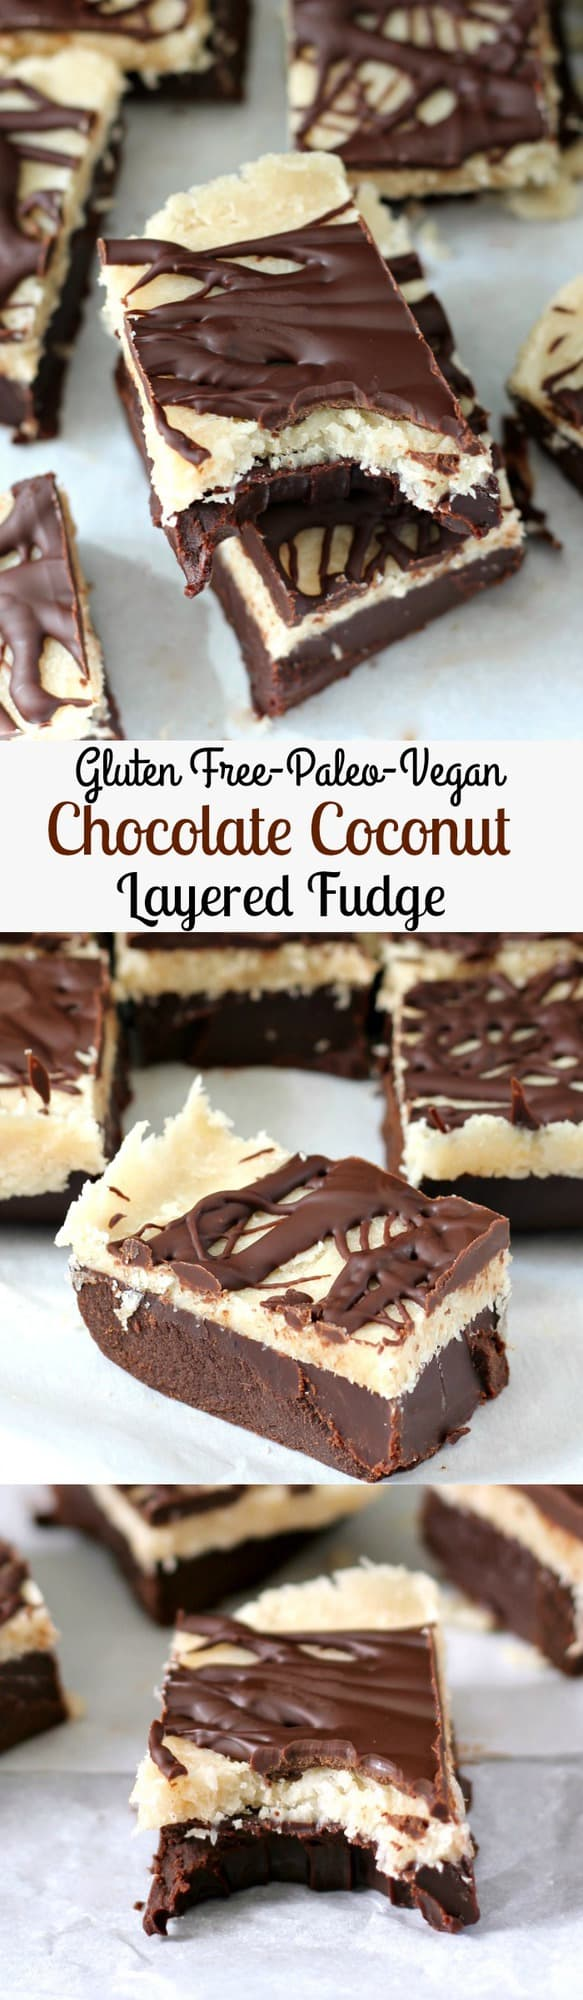 Layered Chocolate Coconut Fudge - Gluten free, paleo, vegan, no bake!